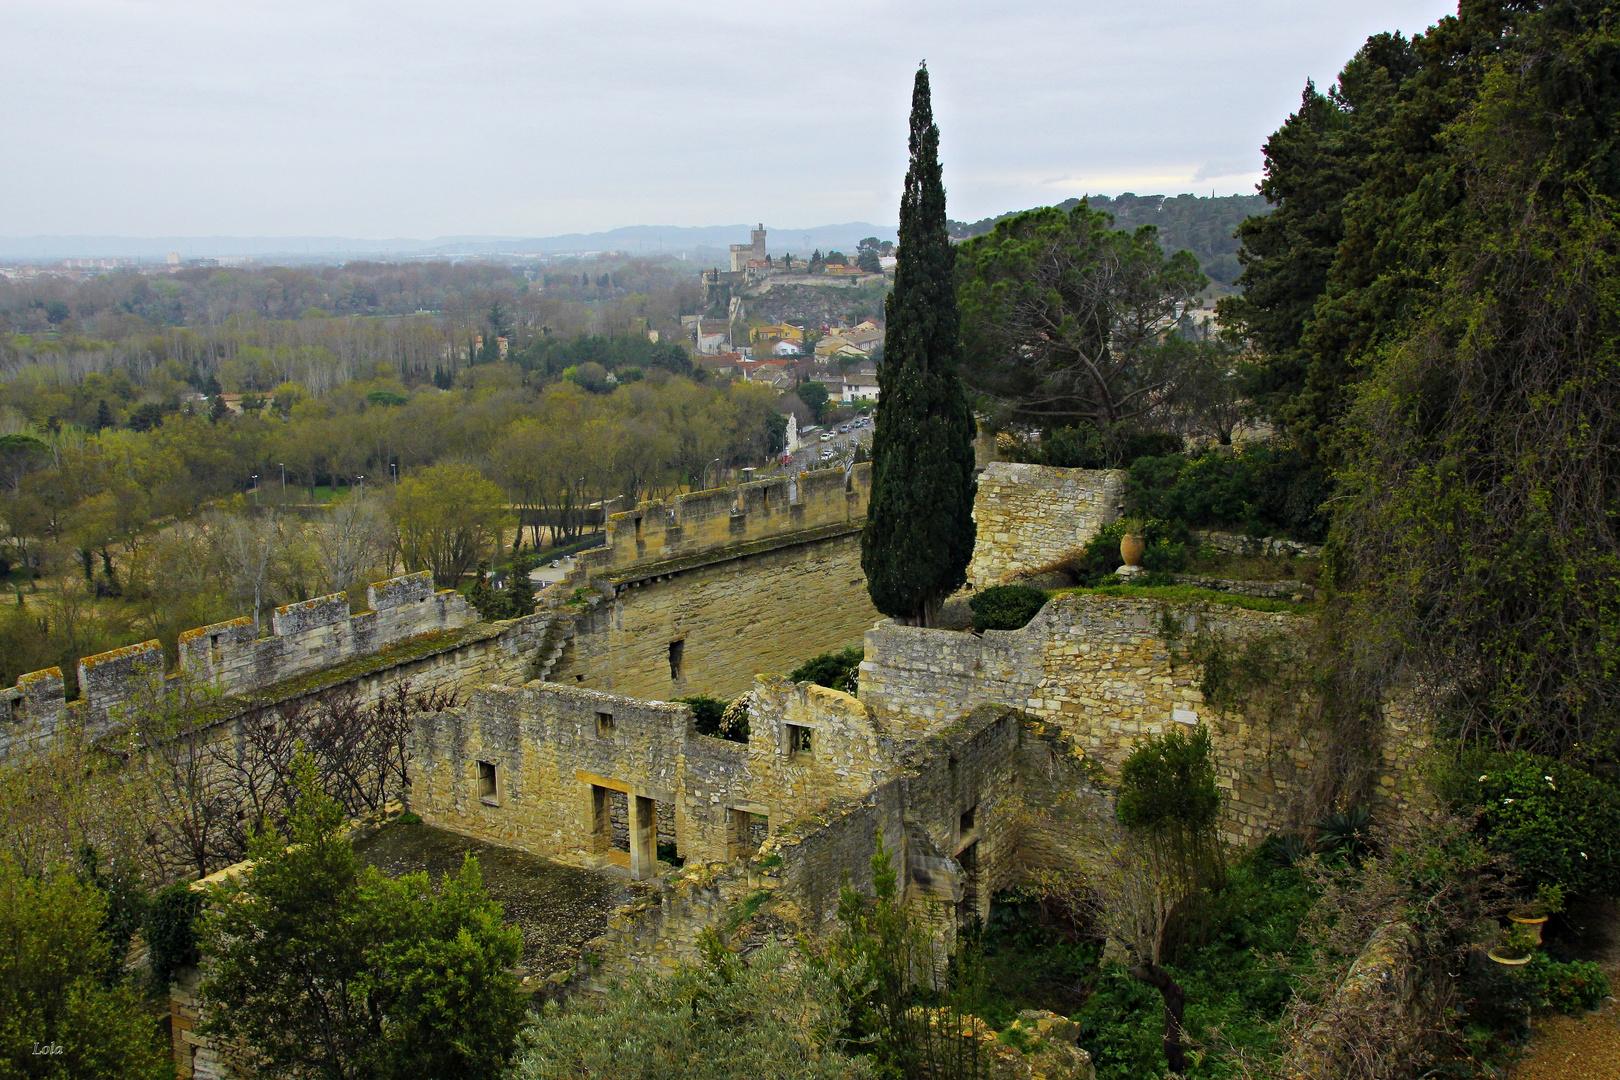 ...Villeneuve lez Avignon...